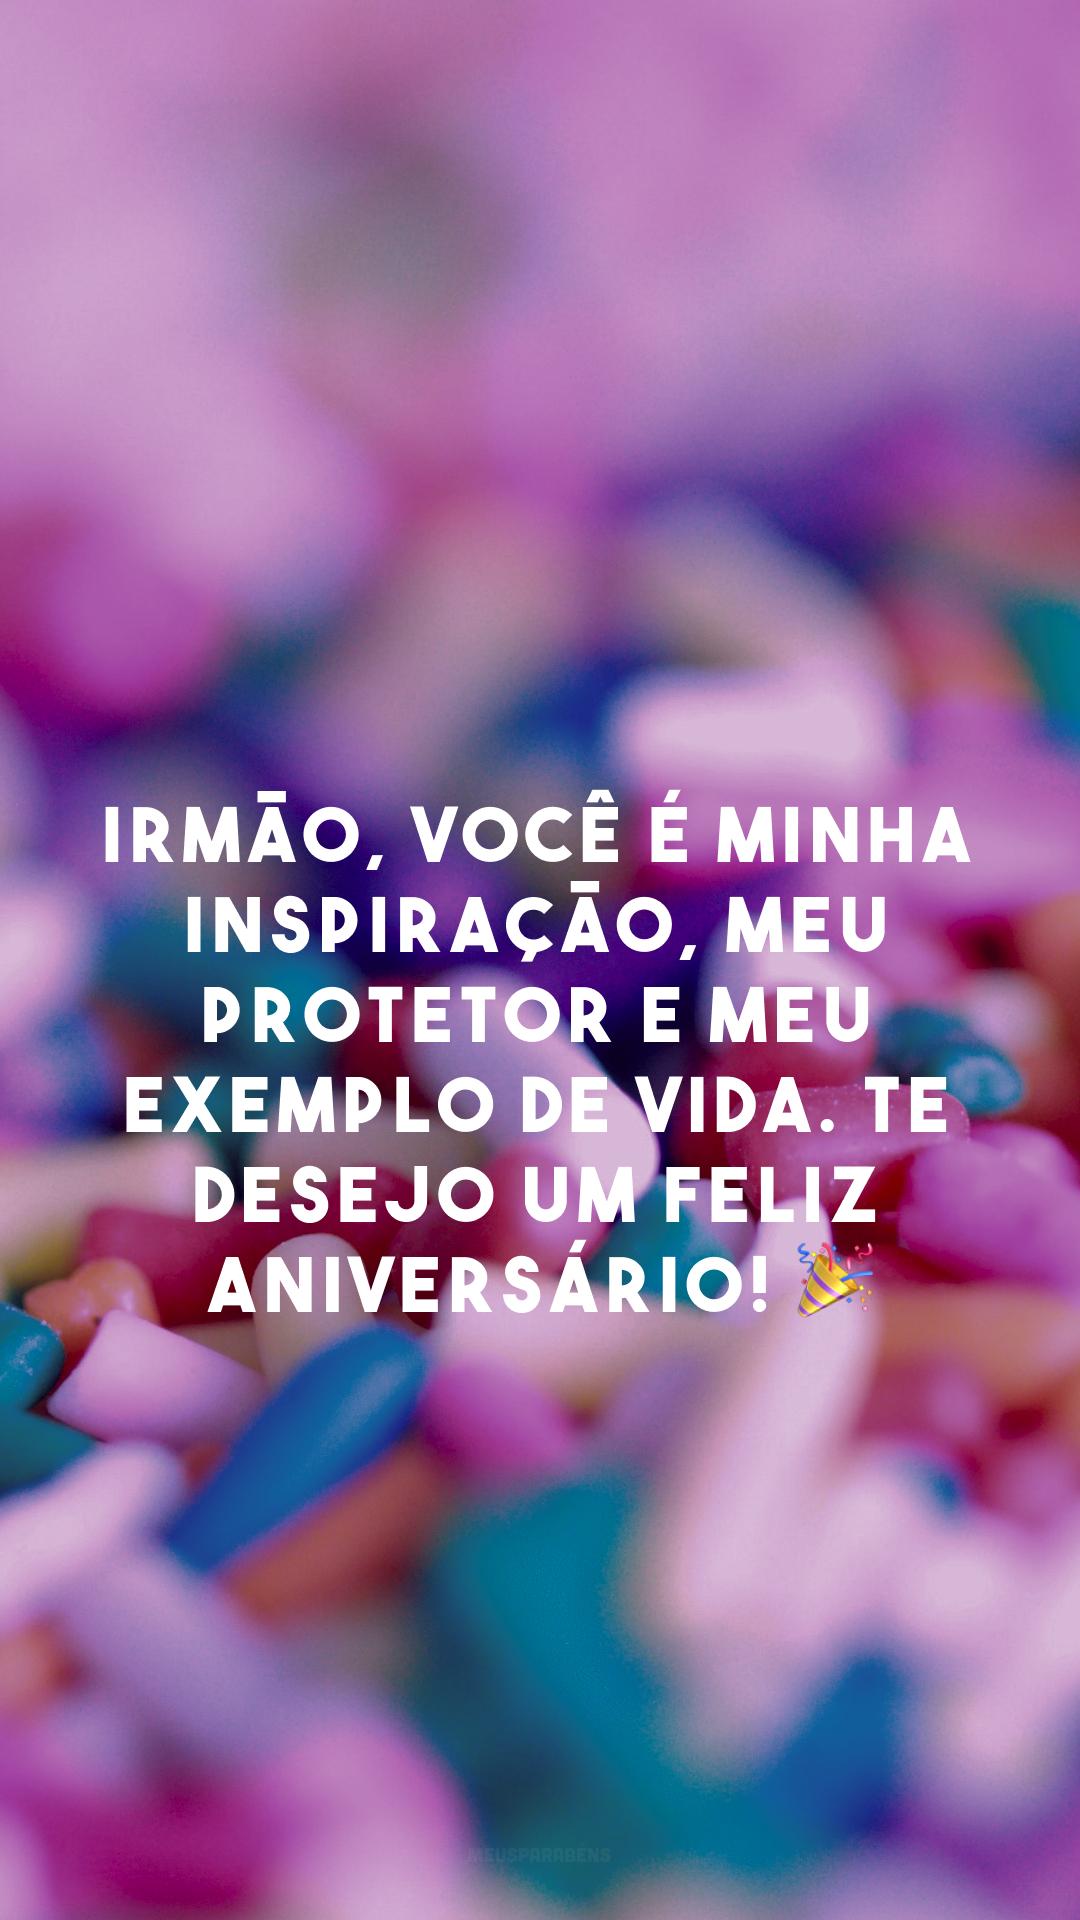 Irmão, você é minha inspiração, meu protetor e meu exemplo de vida. Te desejo um feliz aniversário! 🎉